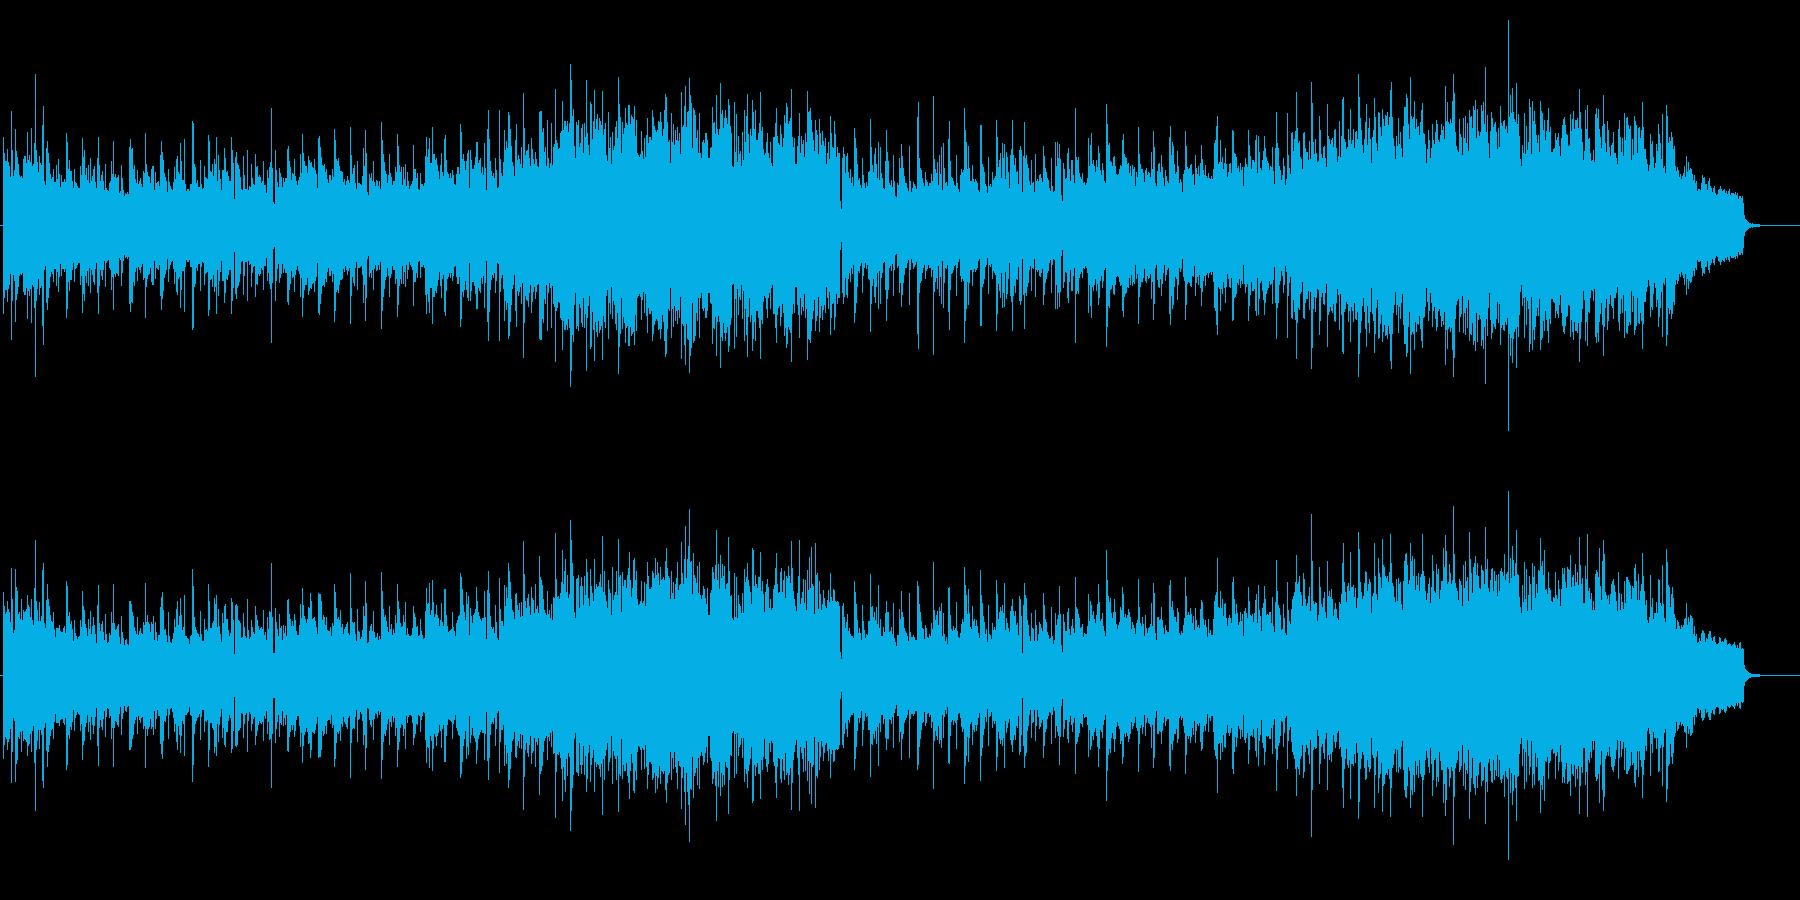 円熟エモーショナル・バラードの再生済みの波形